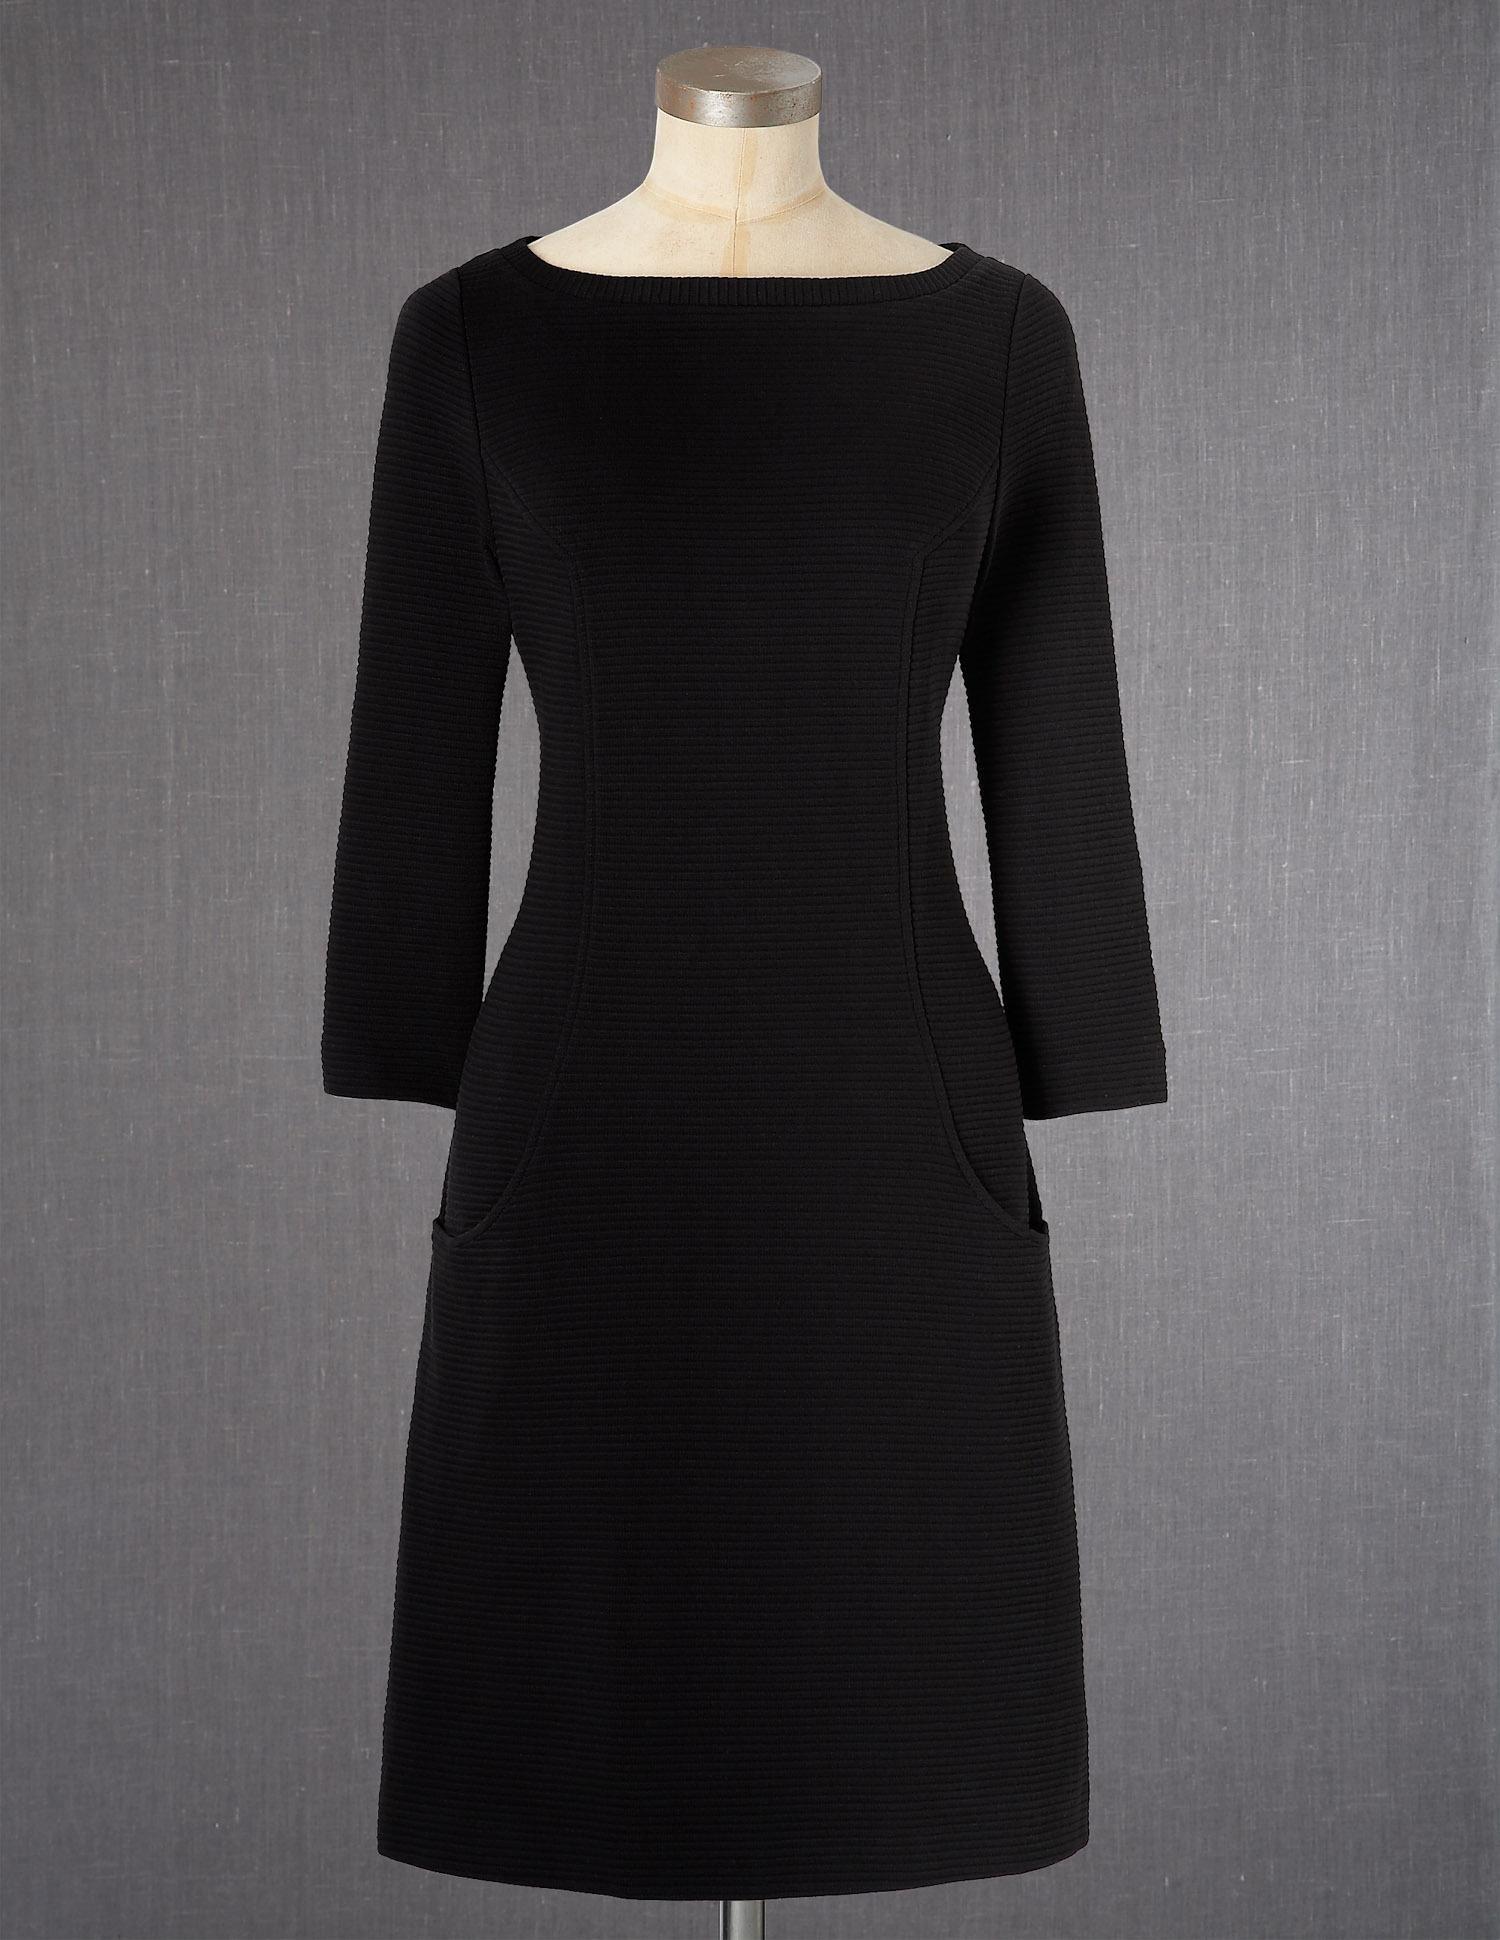 Ium in love simple elegant black dress three quarter sleeve